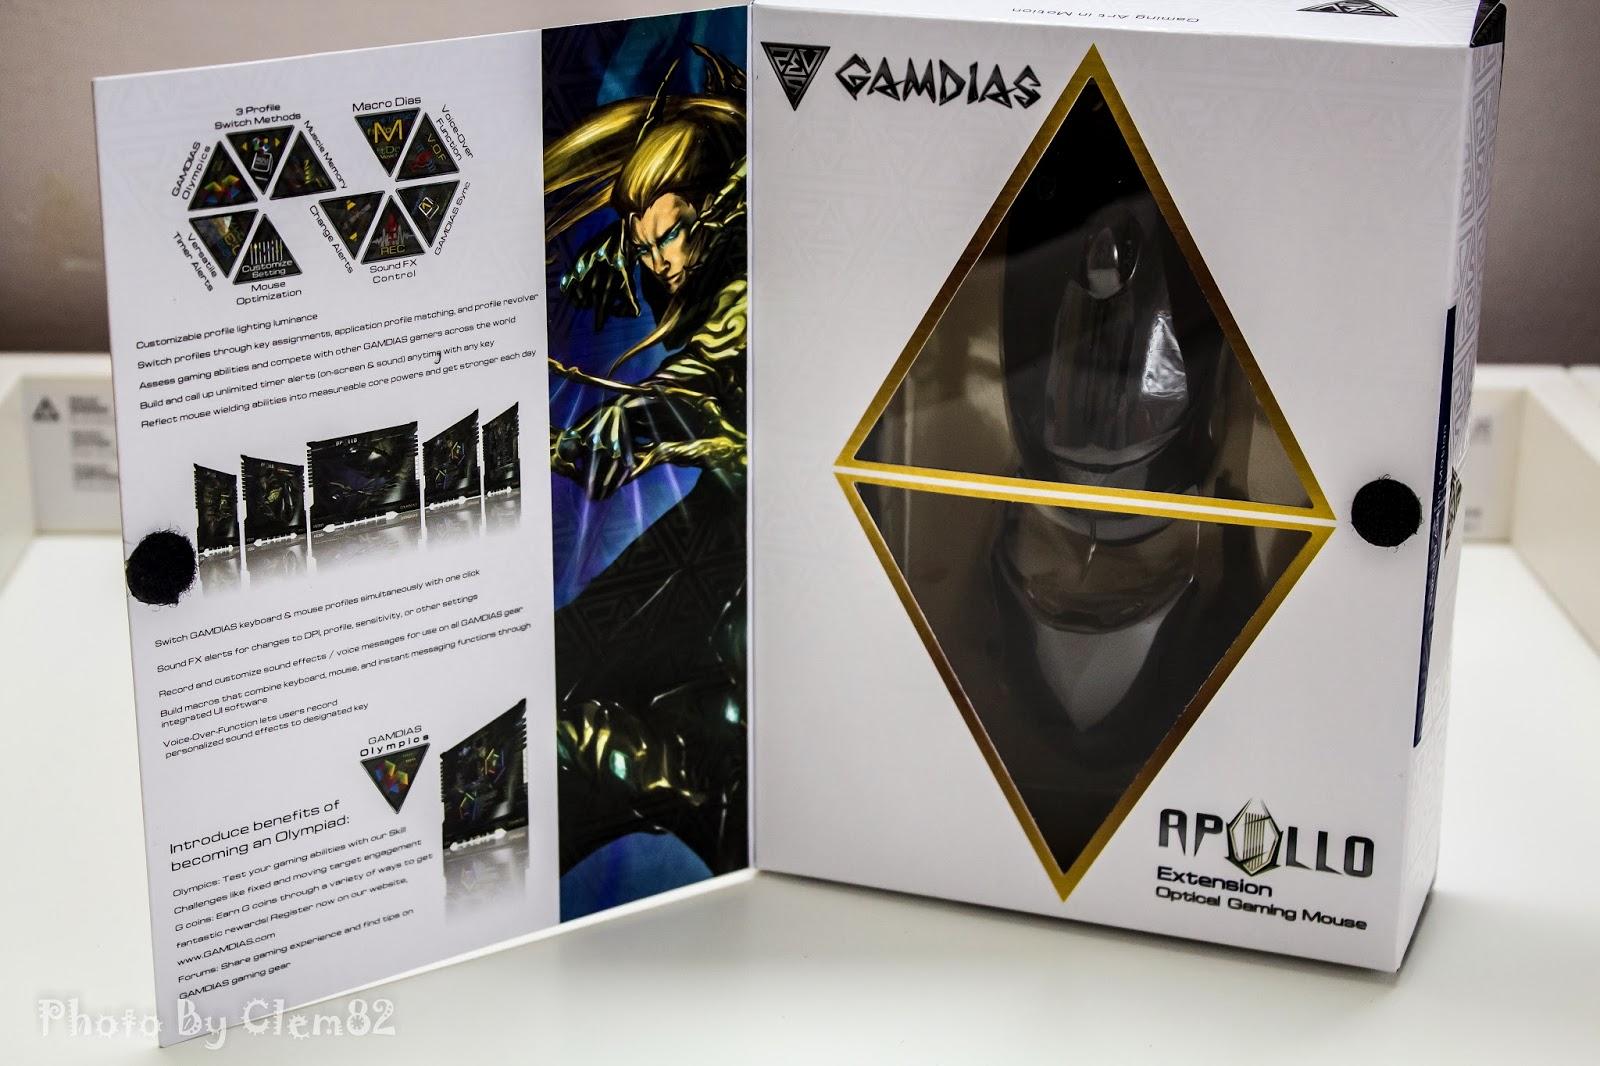 Gamdias Apollo Extension Optical Gaming Mouse 57